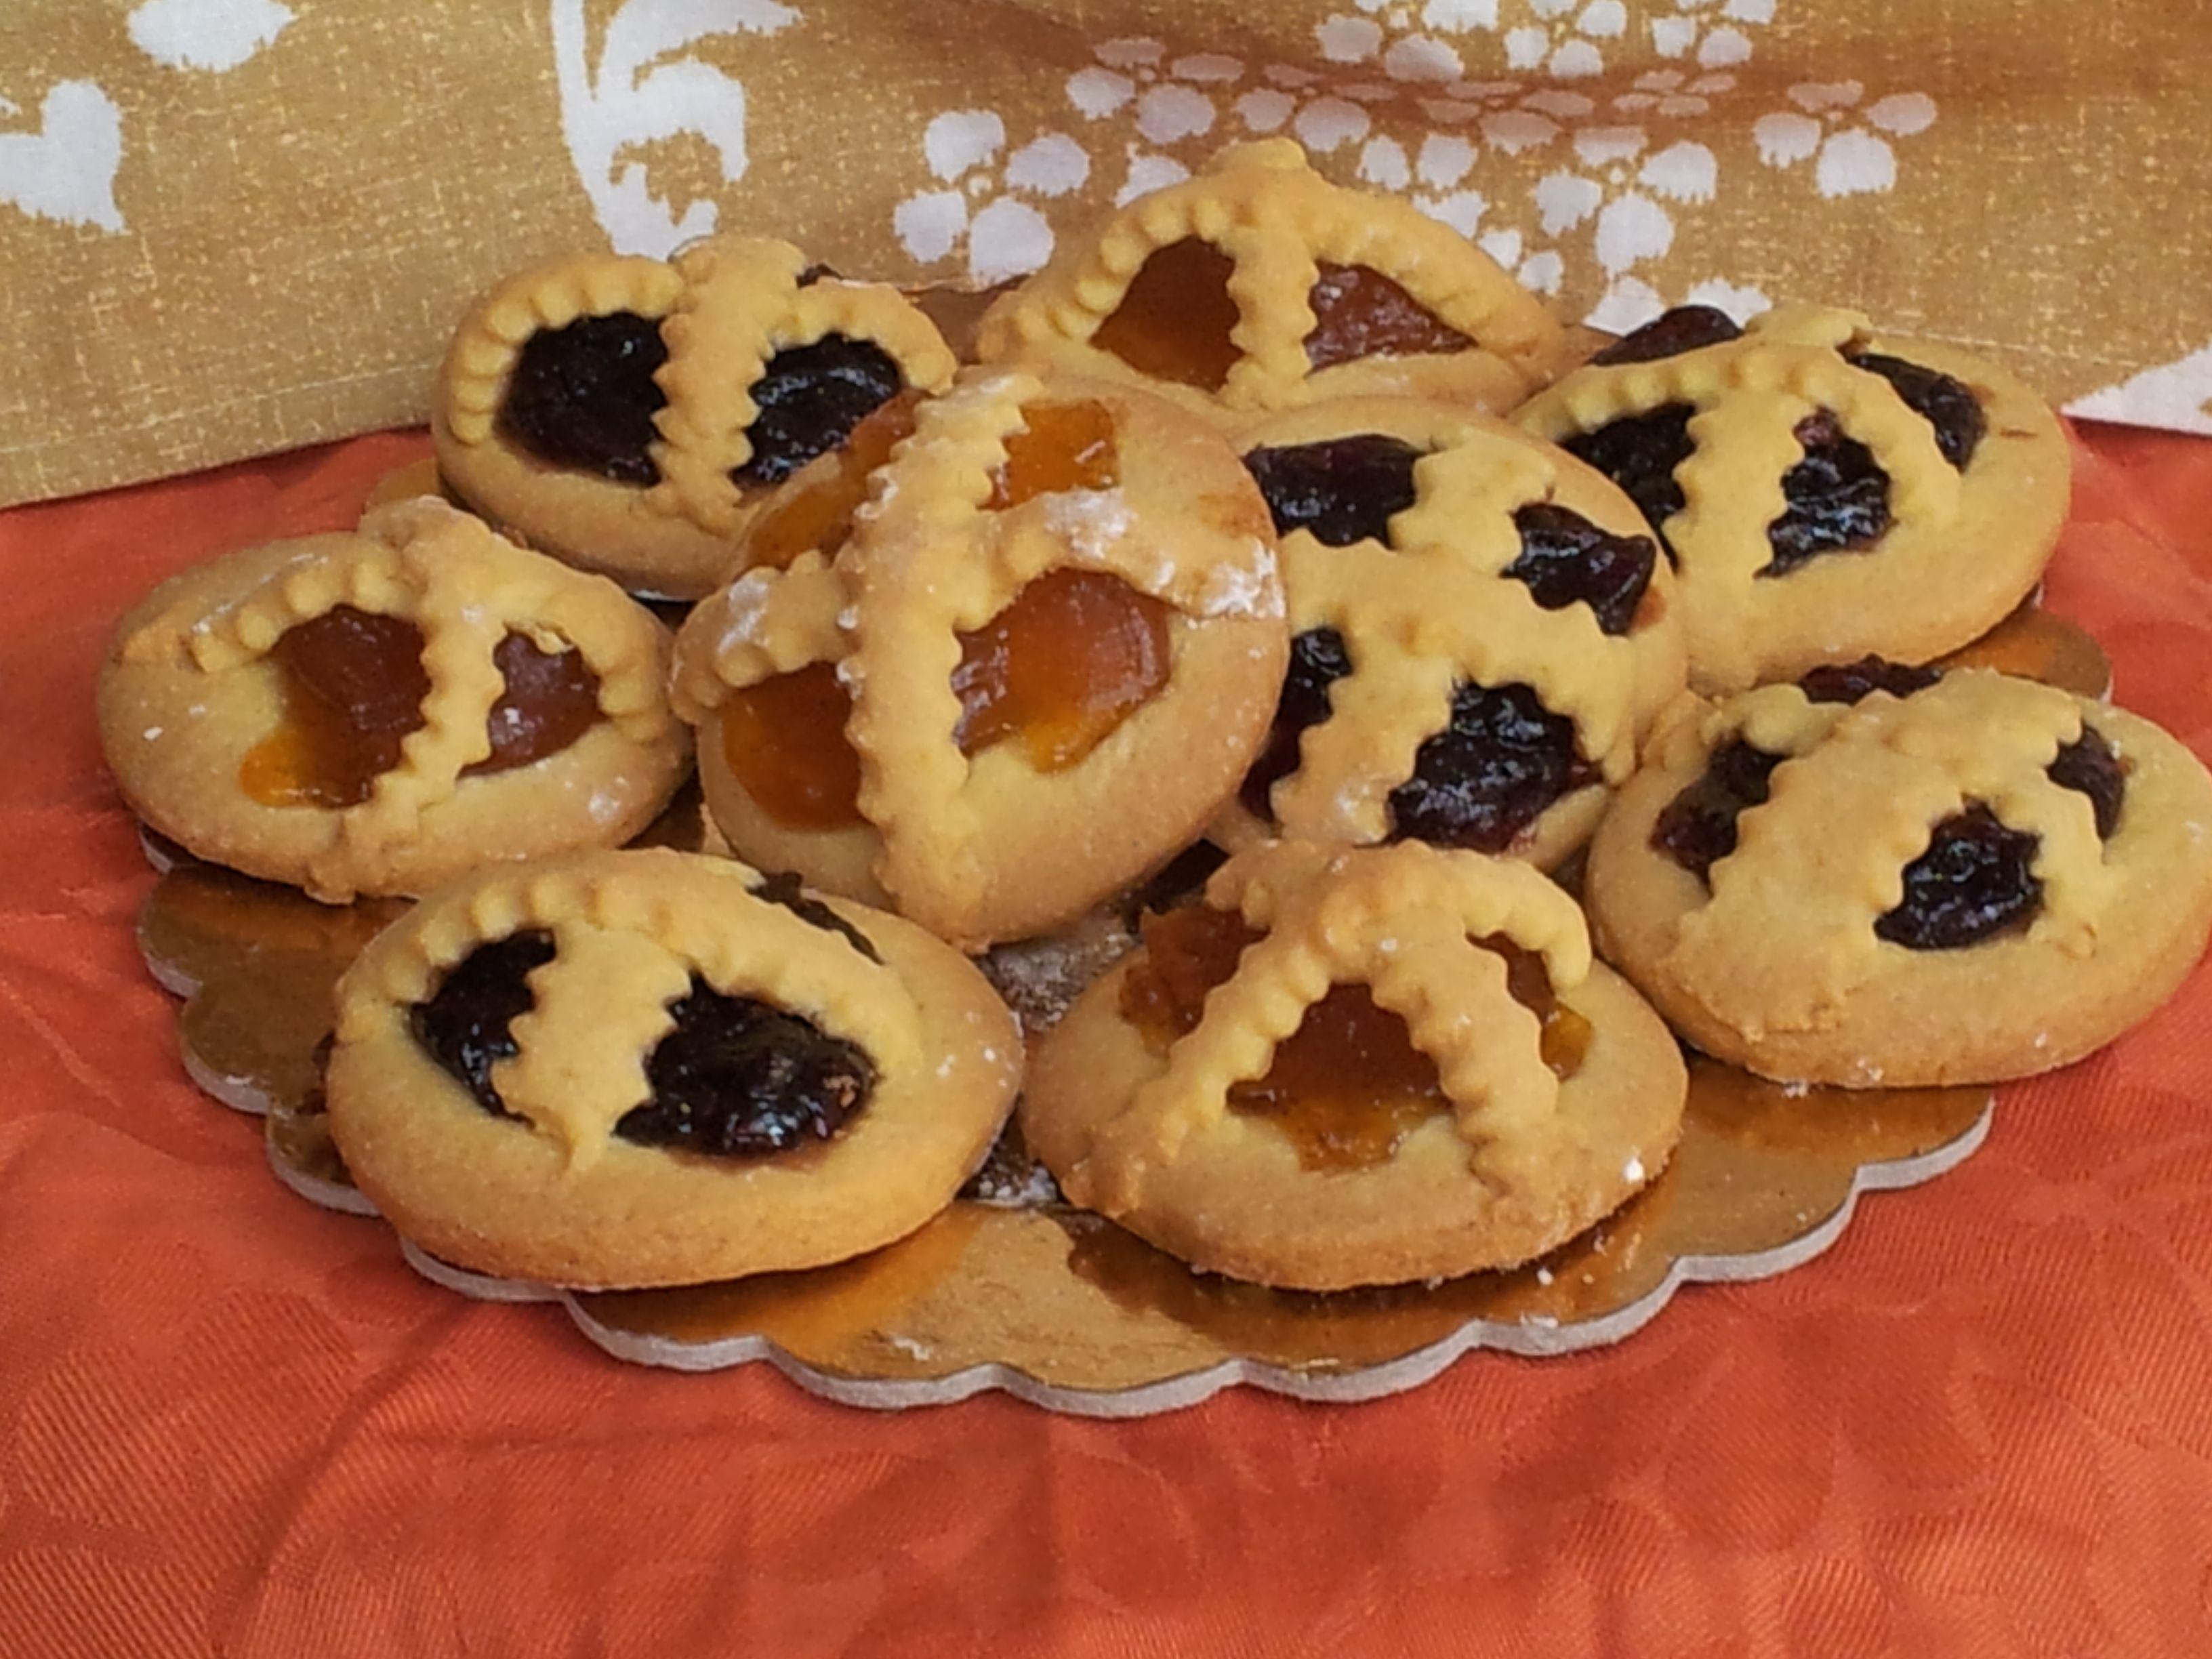 Crostatine di pasta frolla alla Marmellata       Ciao a tutti, oggi volevo proporvi delle deliziose crostatine di pasta frolla alla marmellata, ideali per la colazione  o la merenda.